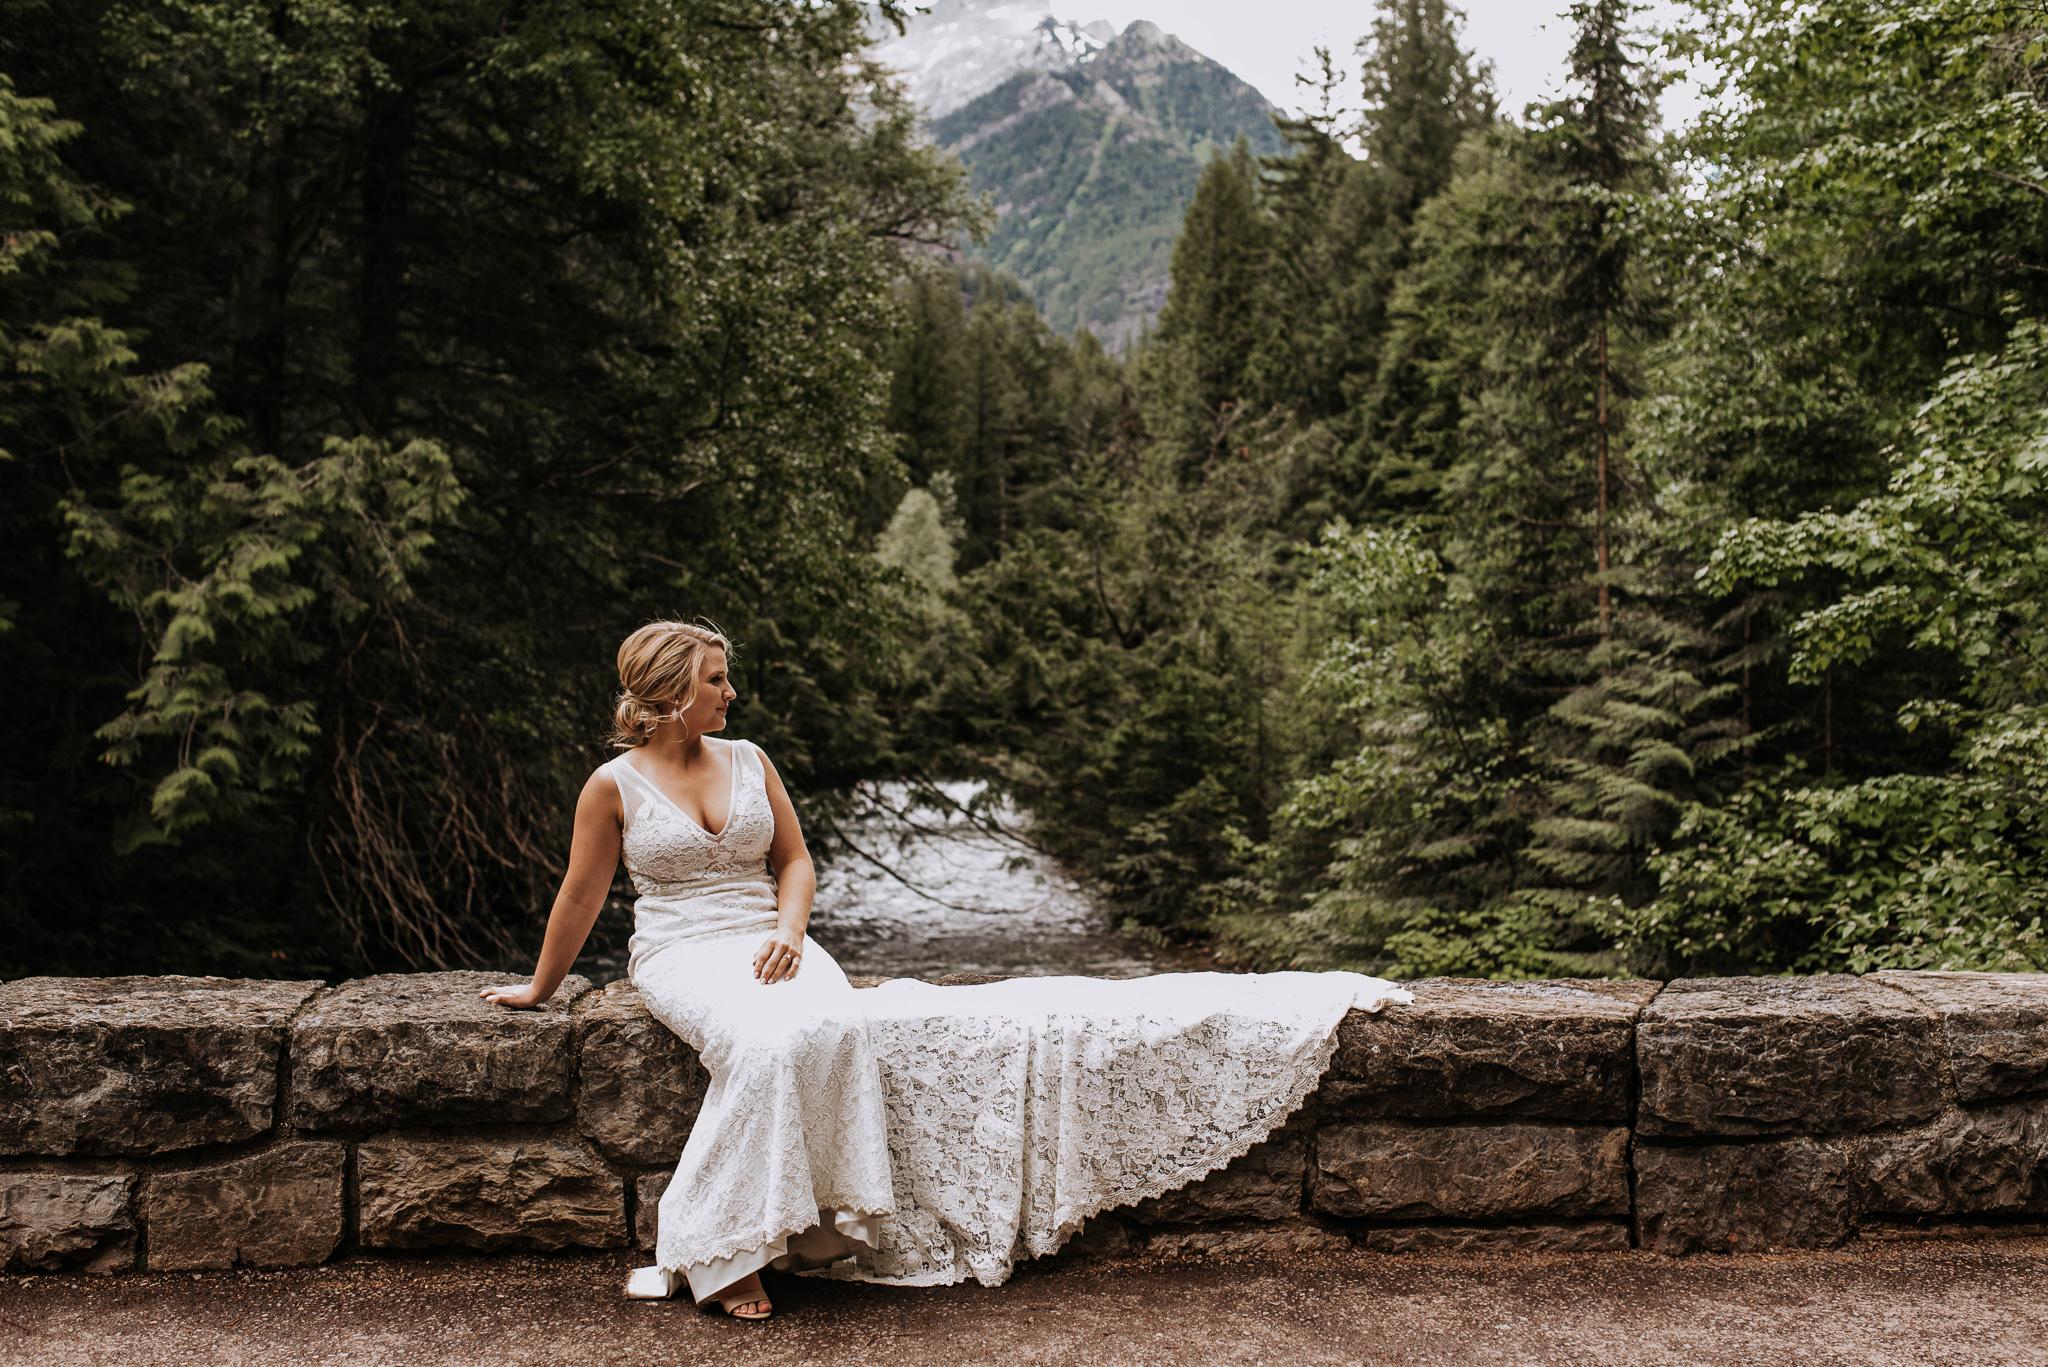 glacier-park-wedding-43.jpg